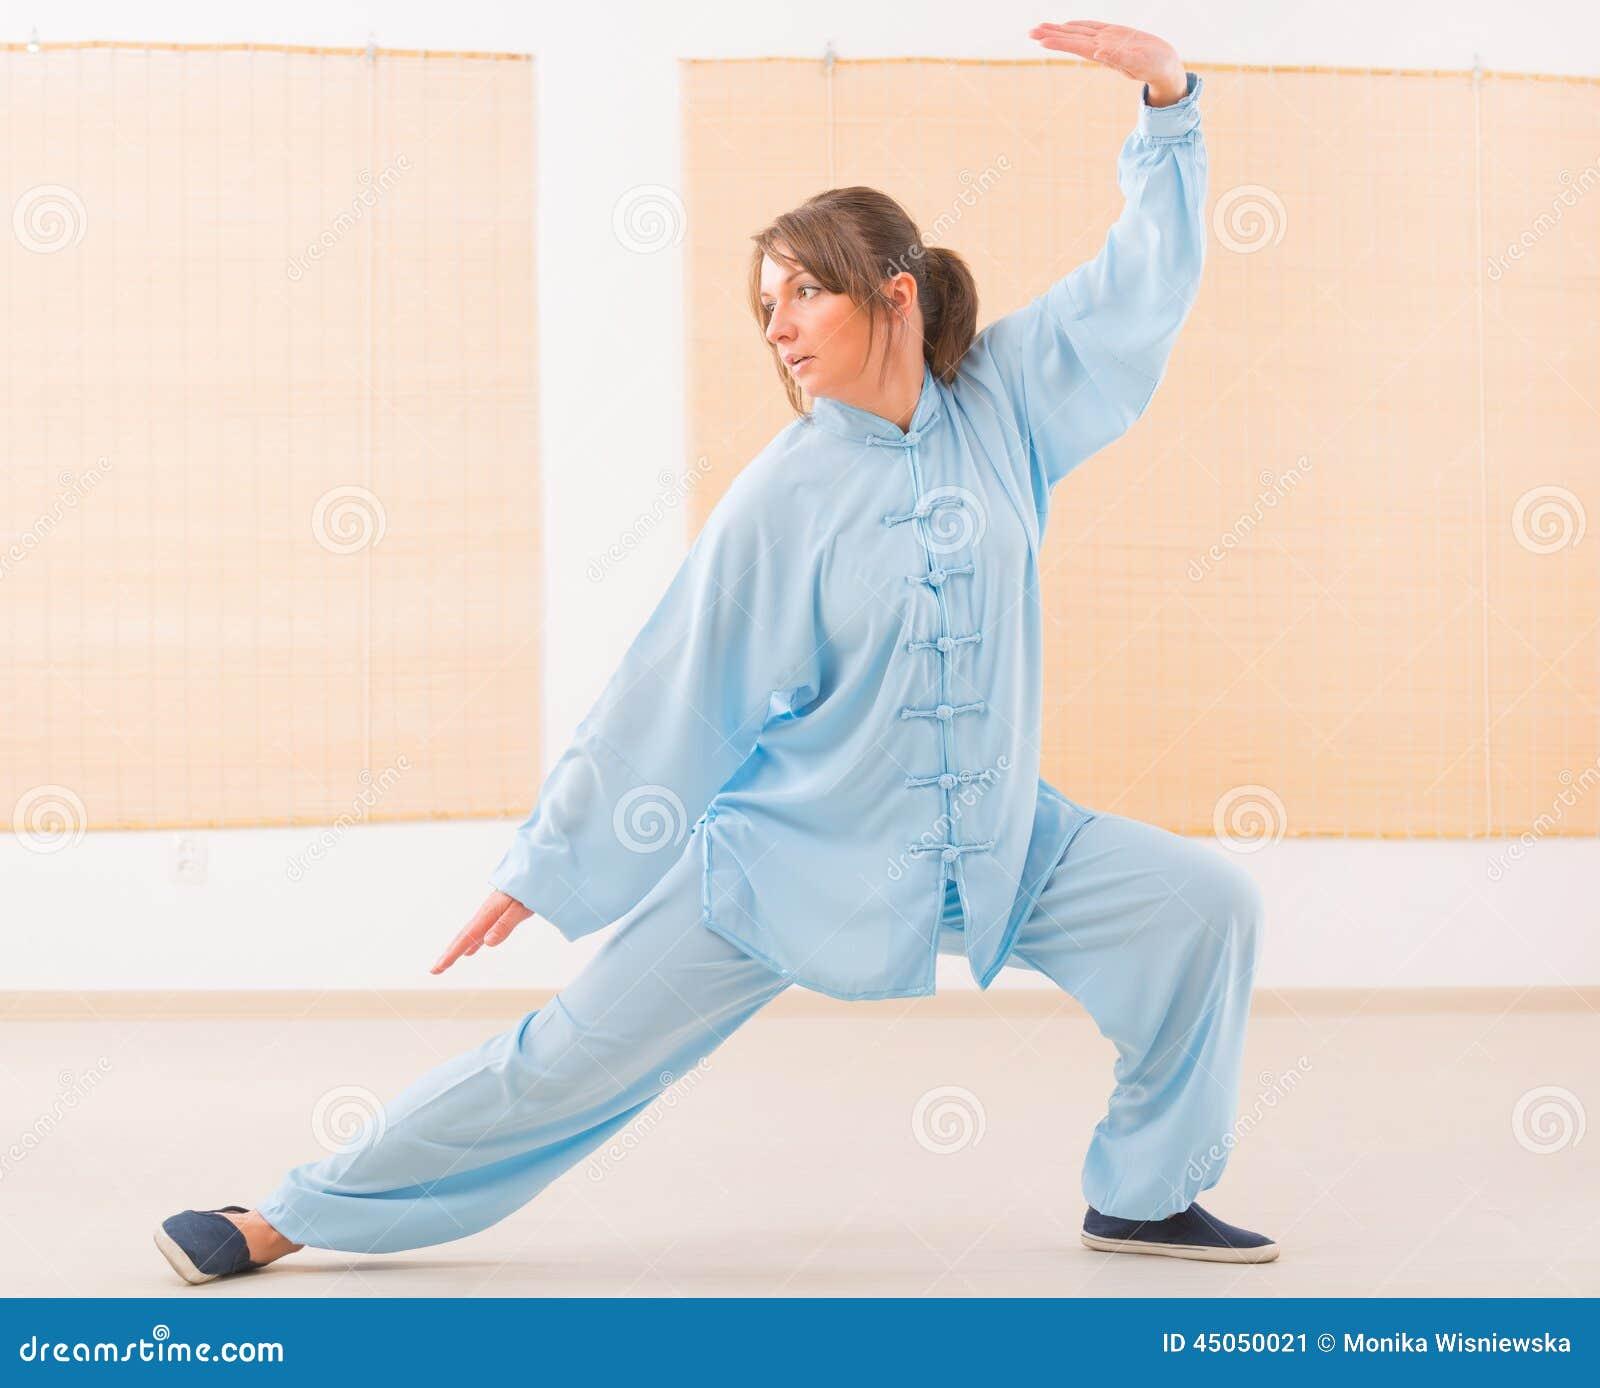 Beautiful woman doing qi gong tai chi exercise wearing professinal ...